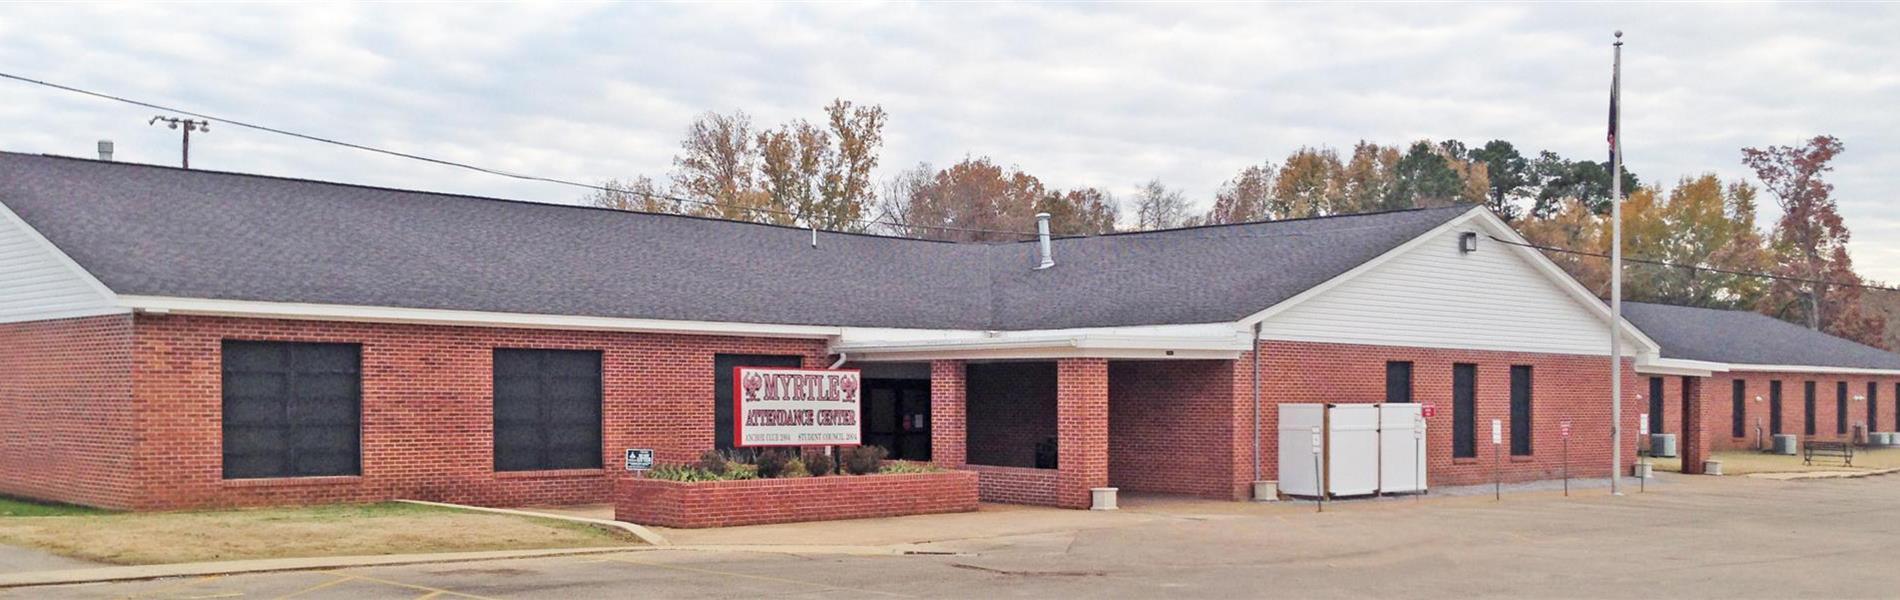 Myrtle School